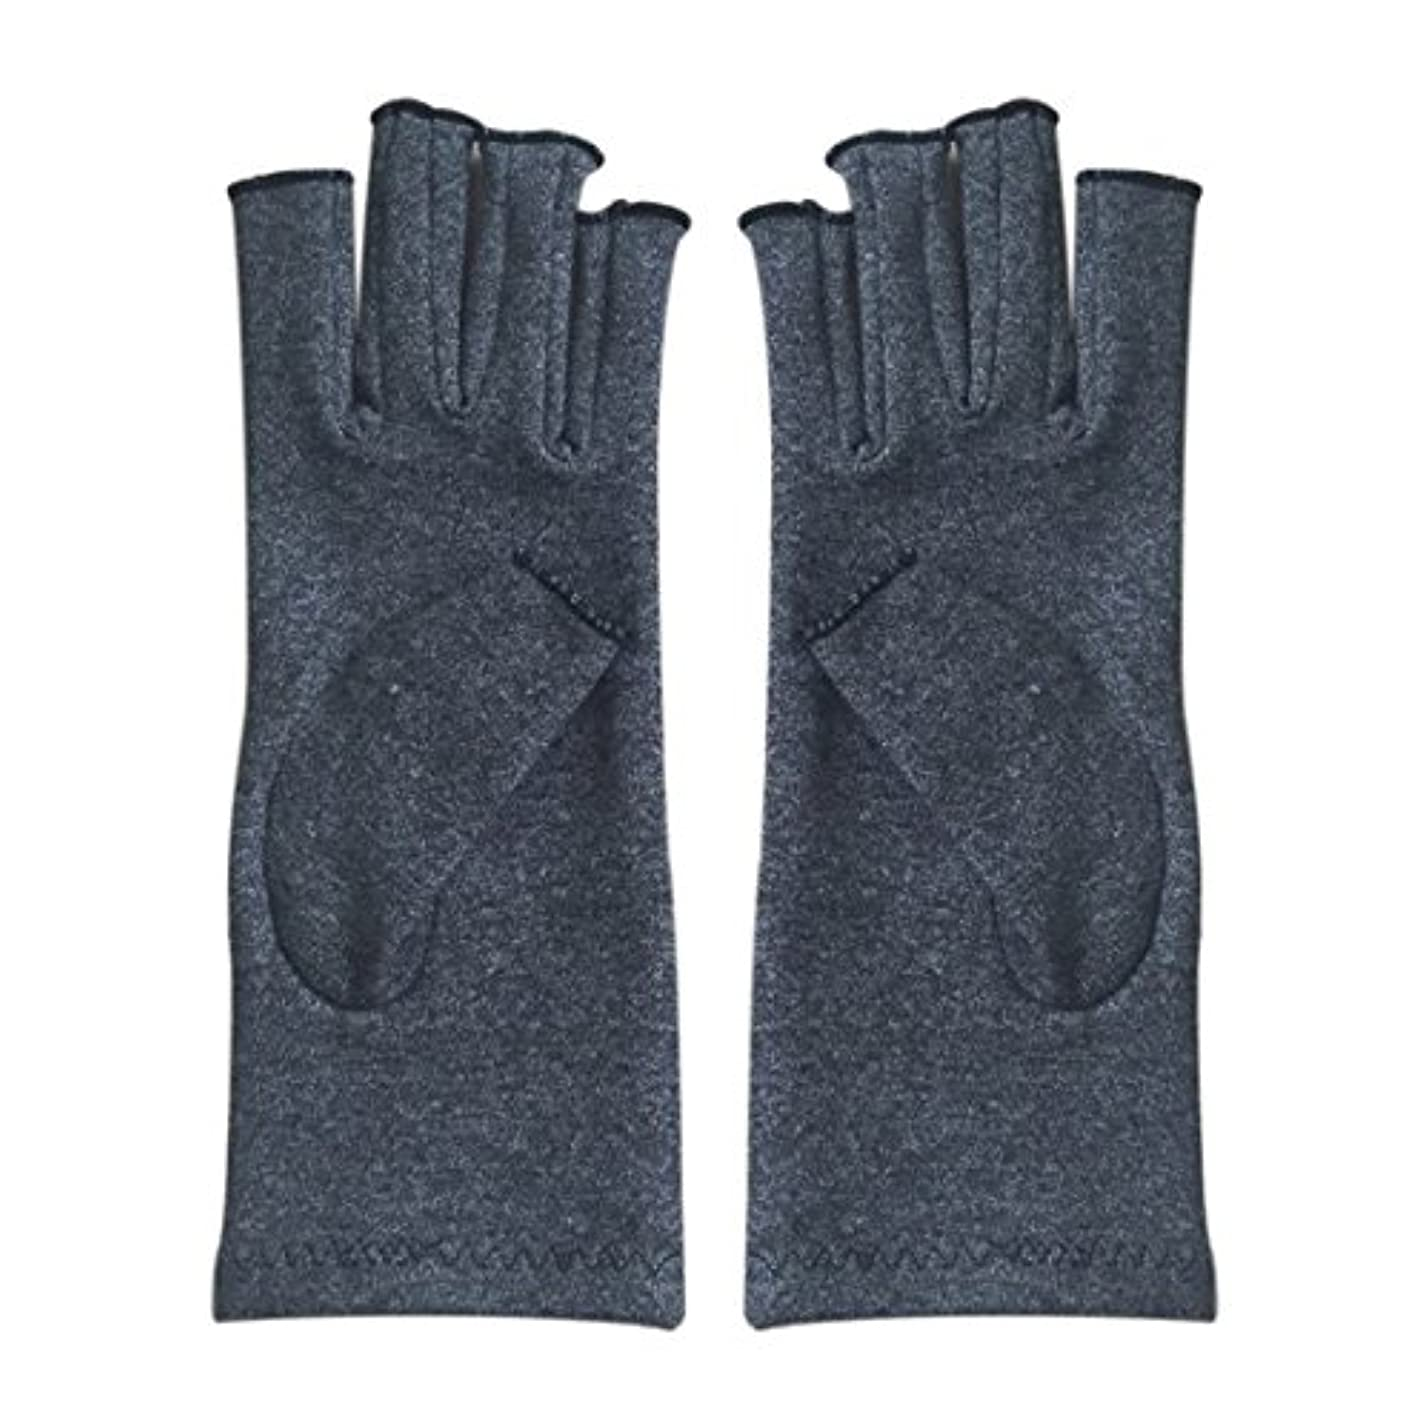 スペイン語惨めな理解ACAMPTAR 1ペア成人男性女性用弾性コットンコンプレッション手袋手関節炎関節痛鎮痛軽減M - 灰色、M